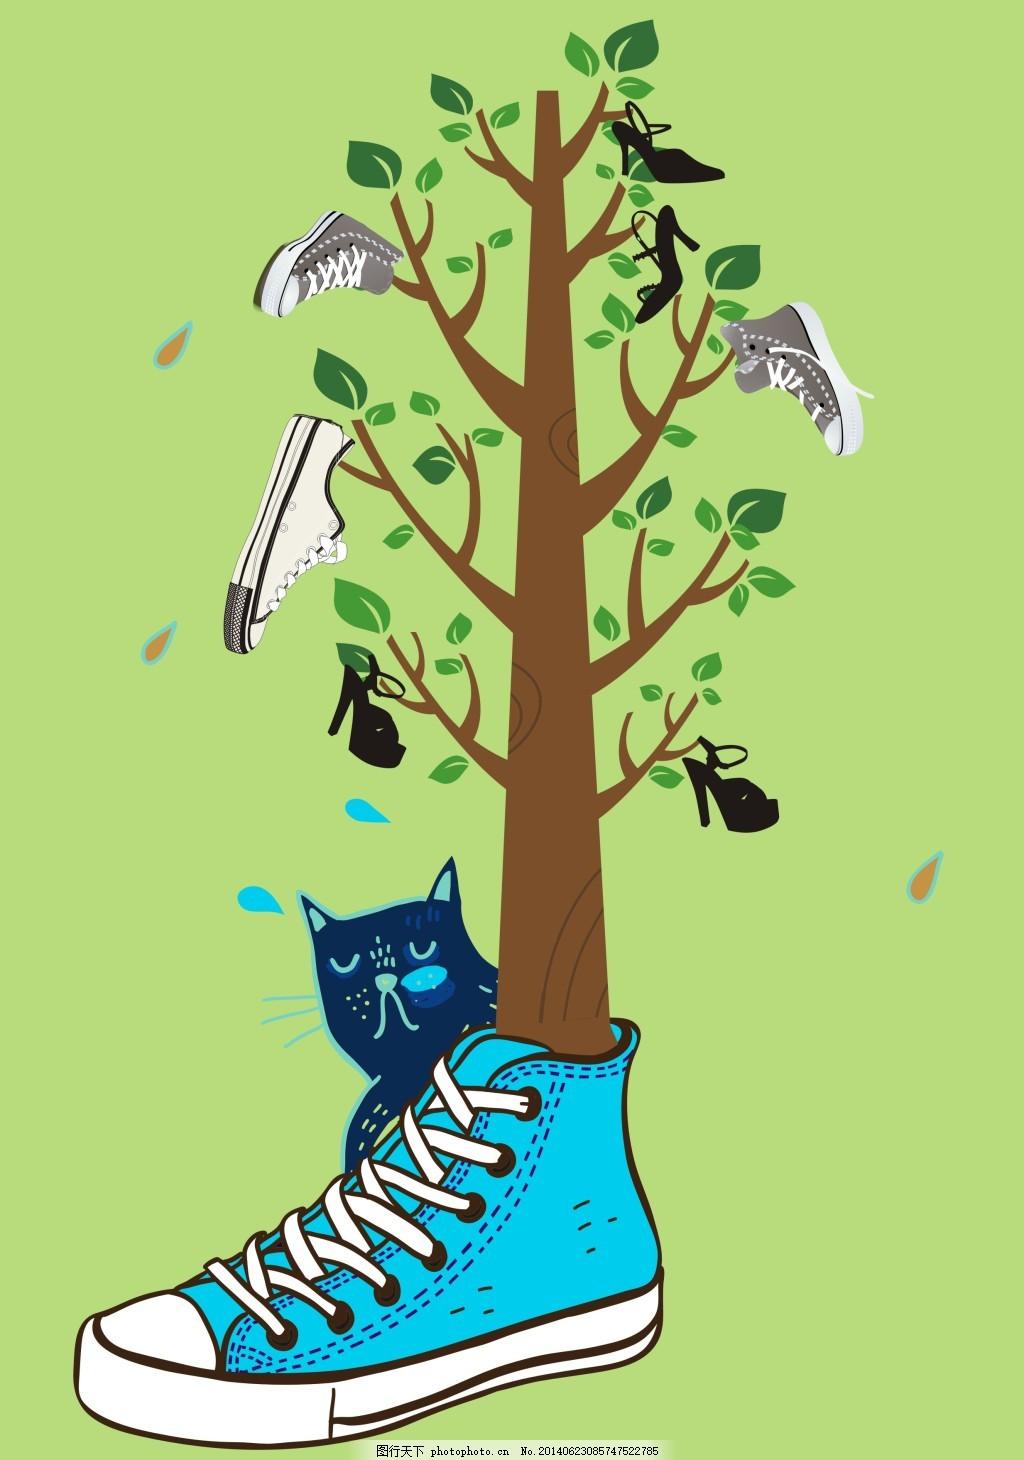 鞋子创意海报 设计 海报 创意 cdr 绿色 cdr